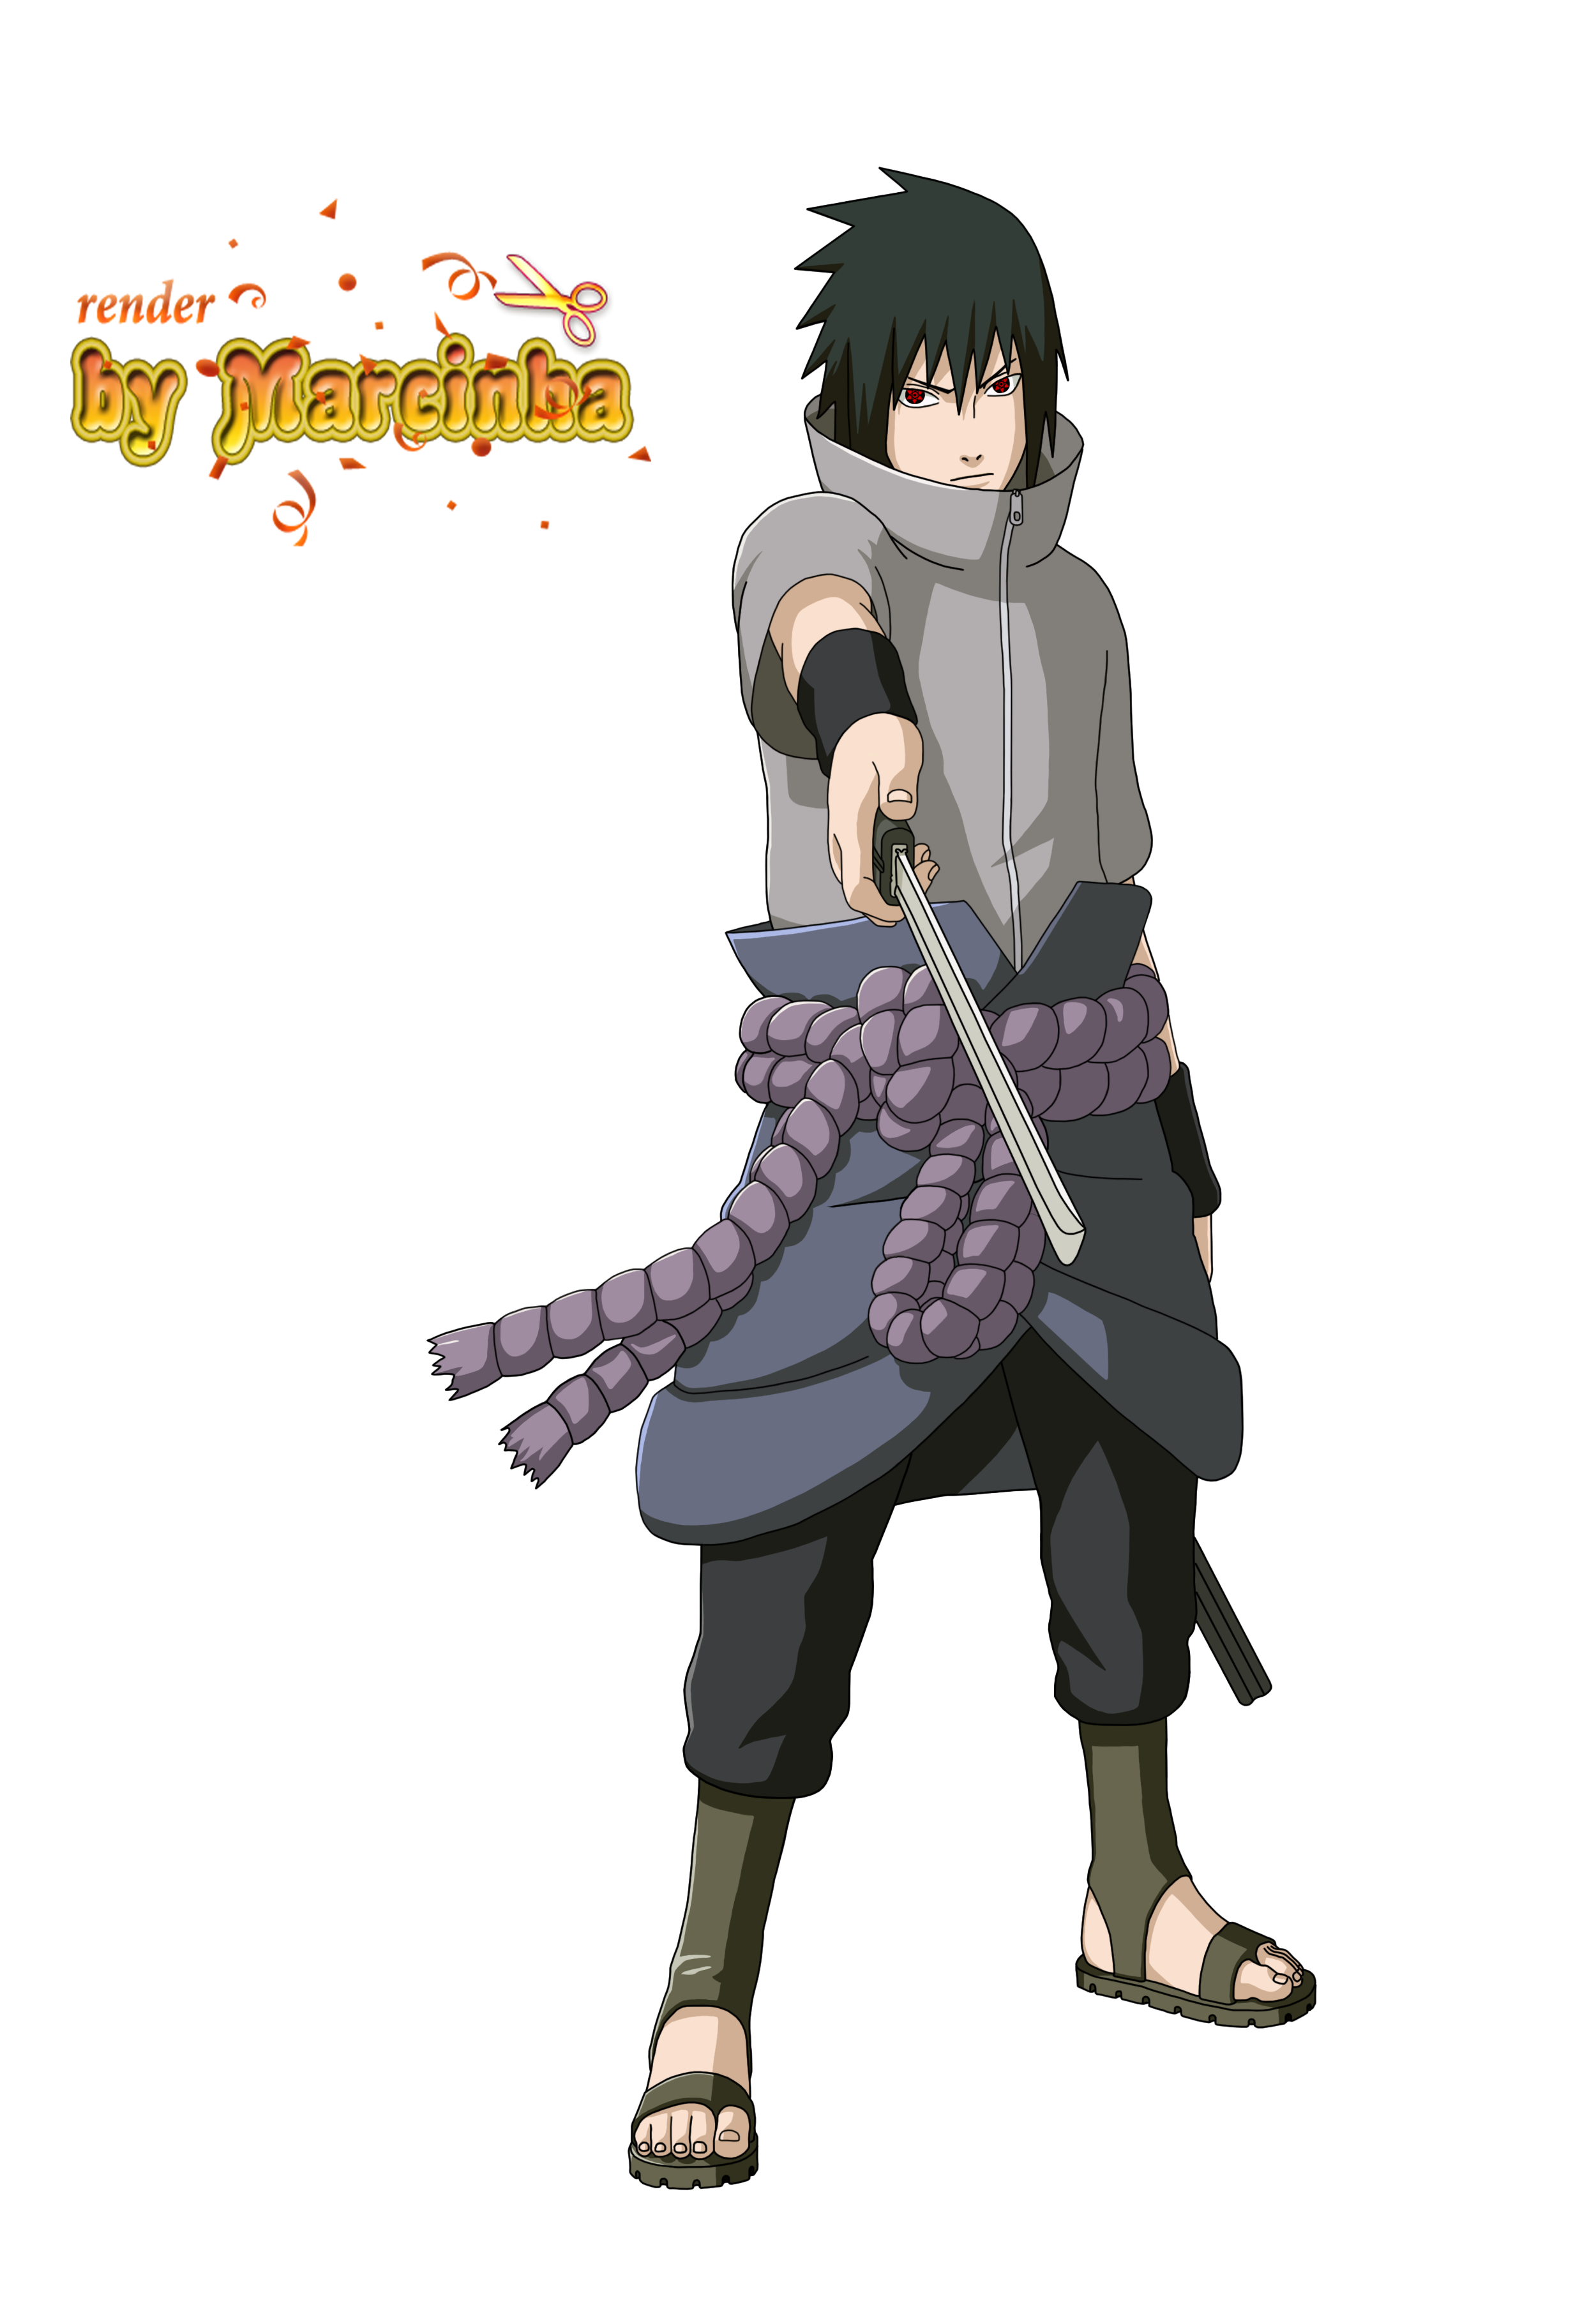 Sasuke Render 2v by BelllPhegor on DeviantArt  |Sasuke Kirin Render